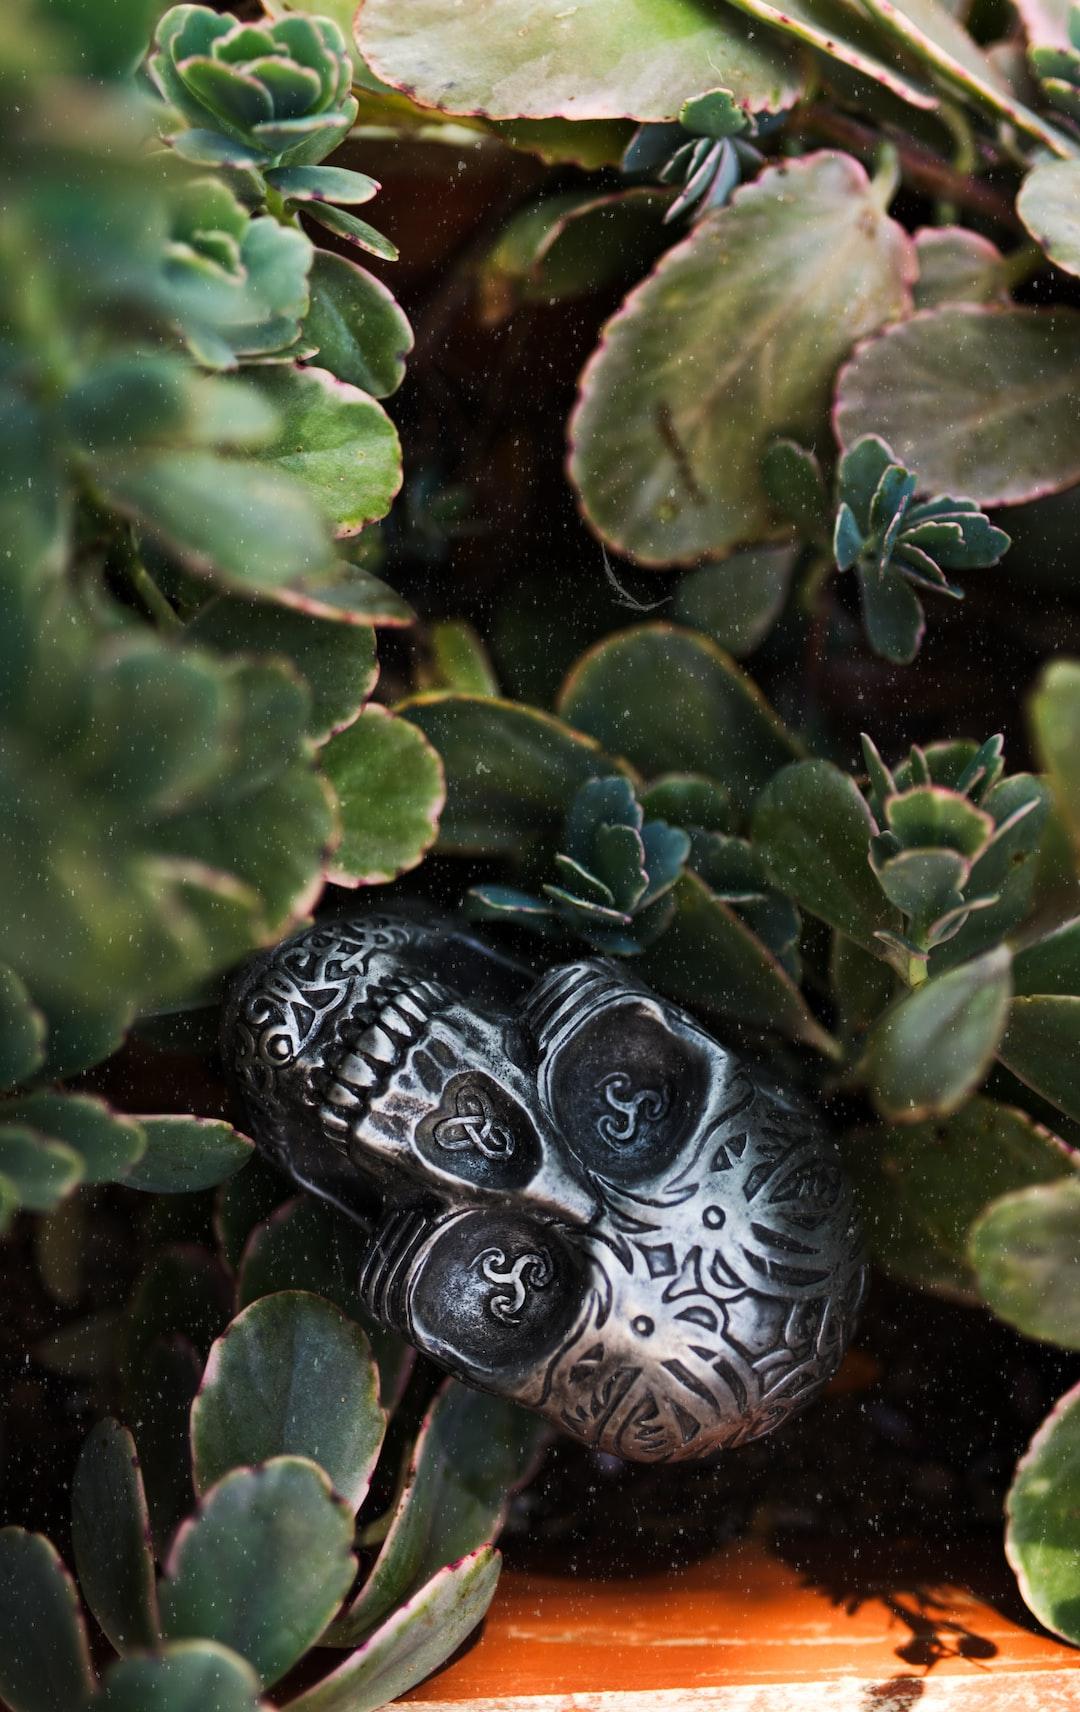 Skull nestled in some plants.